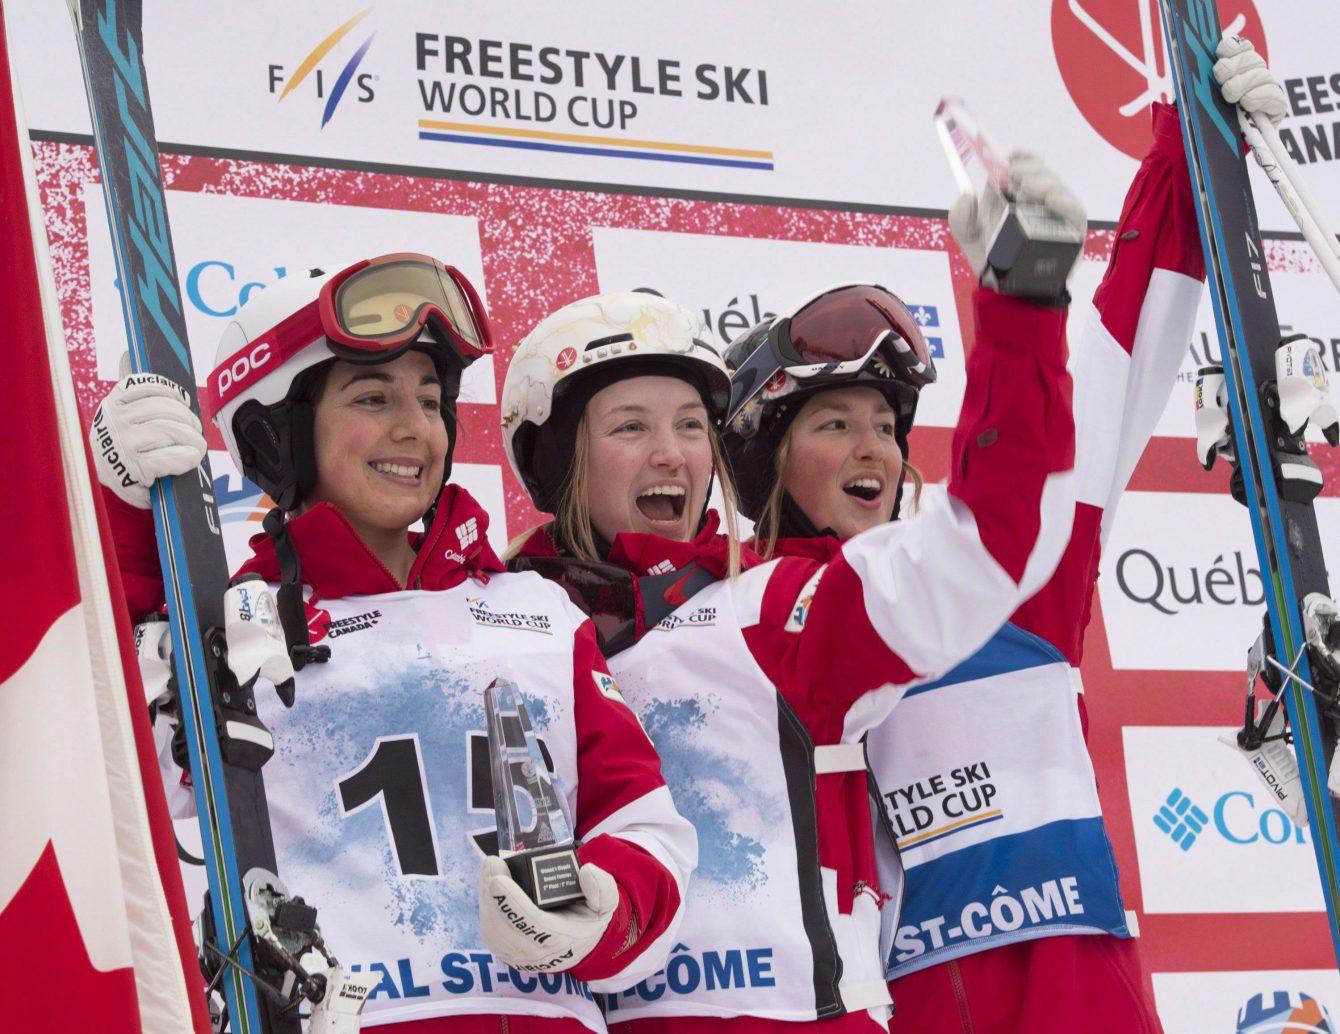 La skieuse acrobatique d'Équipe Canada Justine Dufour-Lapointe (centre) célèbre sa victoire à la Coupe du monde de Val St-Côme aux côtés de sa coéquipière Andi Naude (gauche) et sa soeur Chloé. (Photo : THE CANADIAN PRESS/Jacques Boissinot)